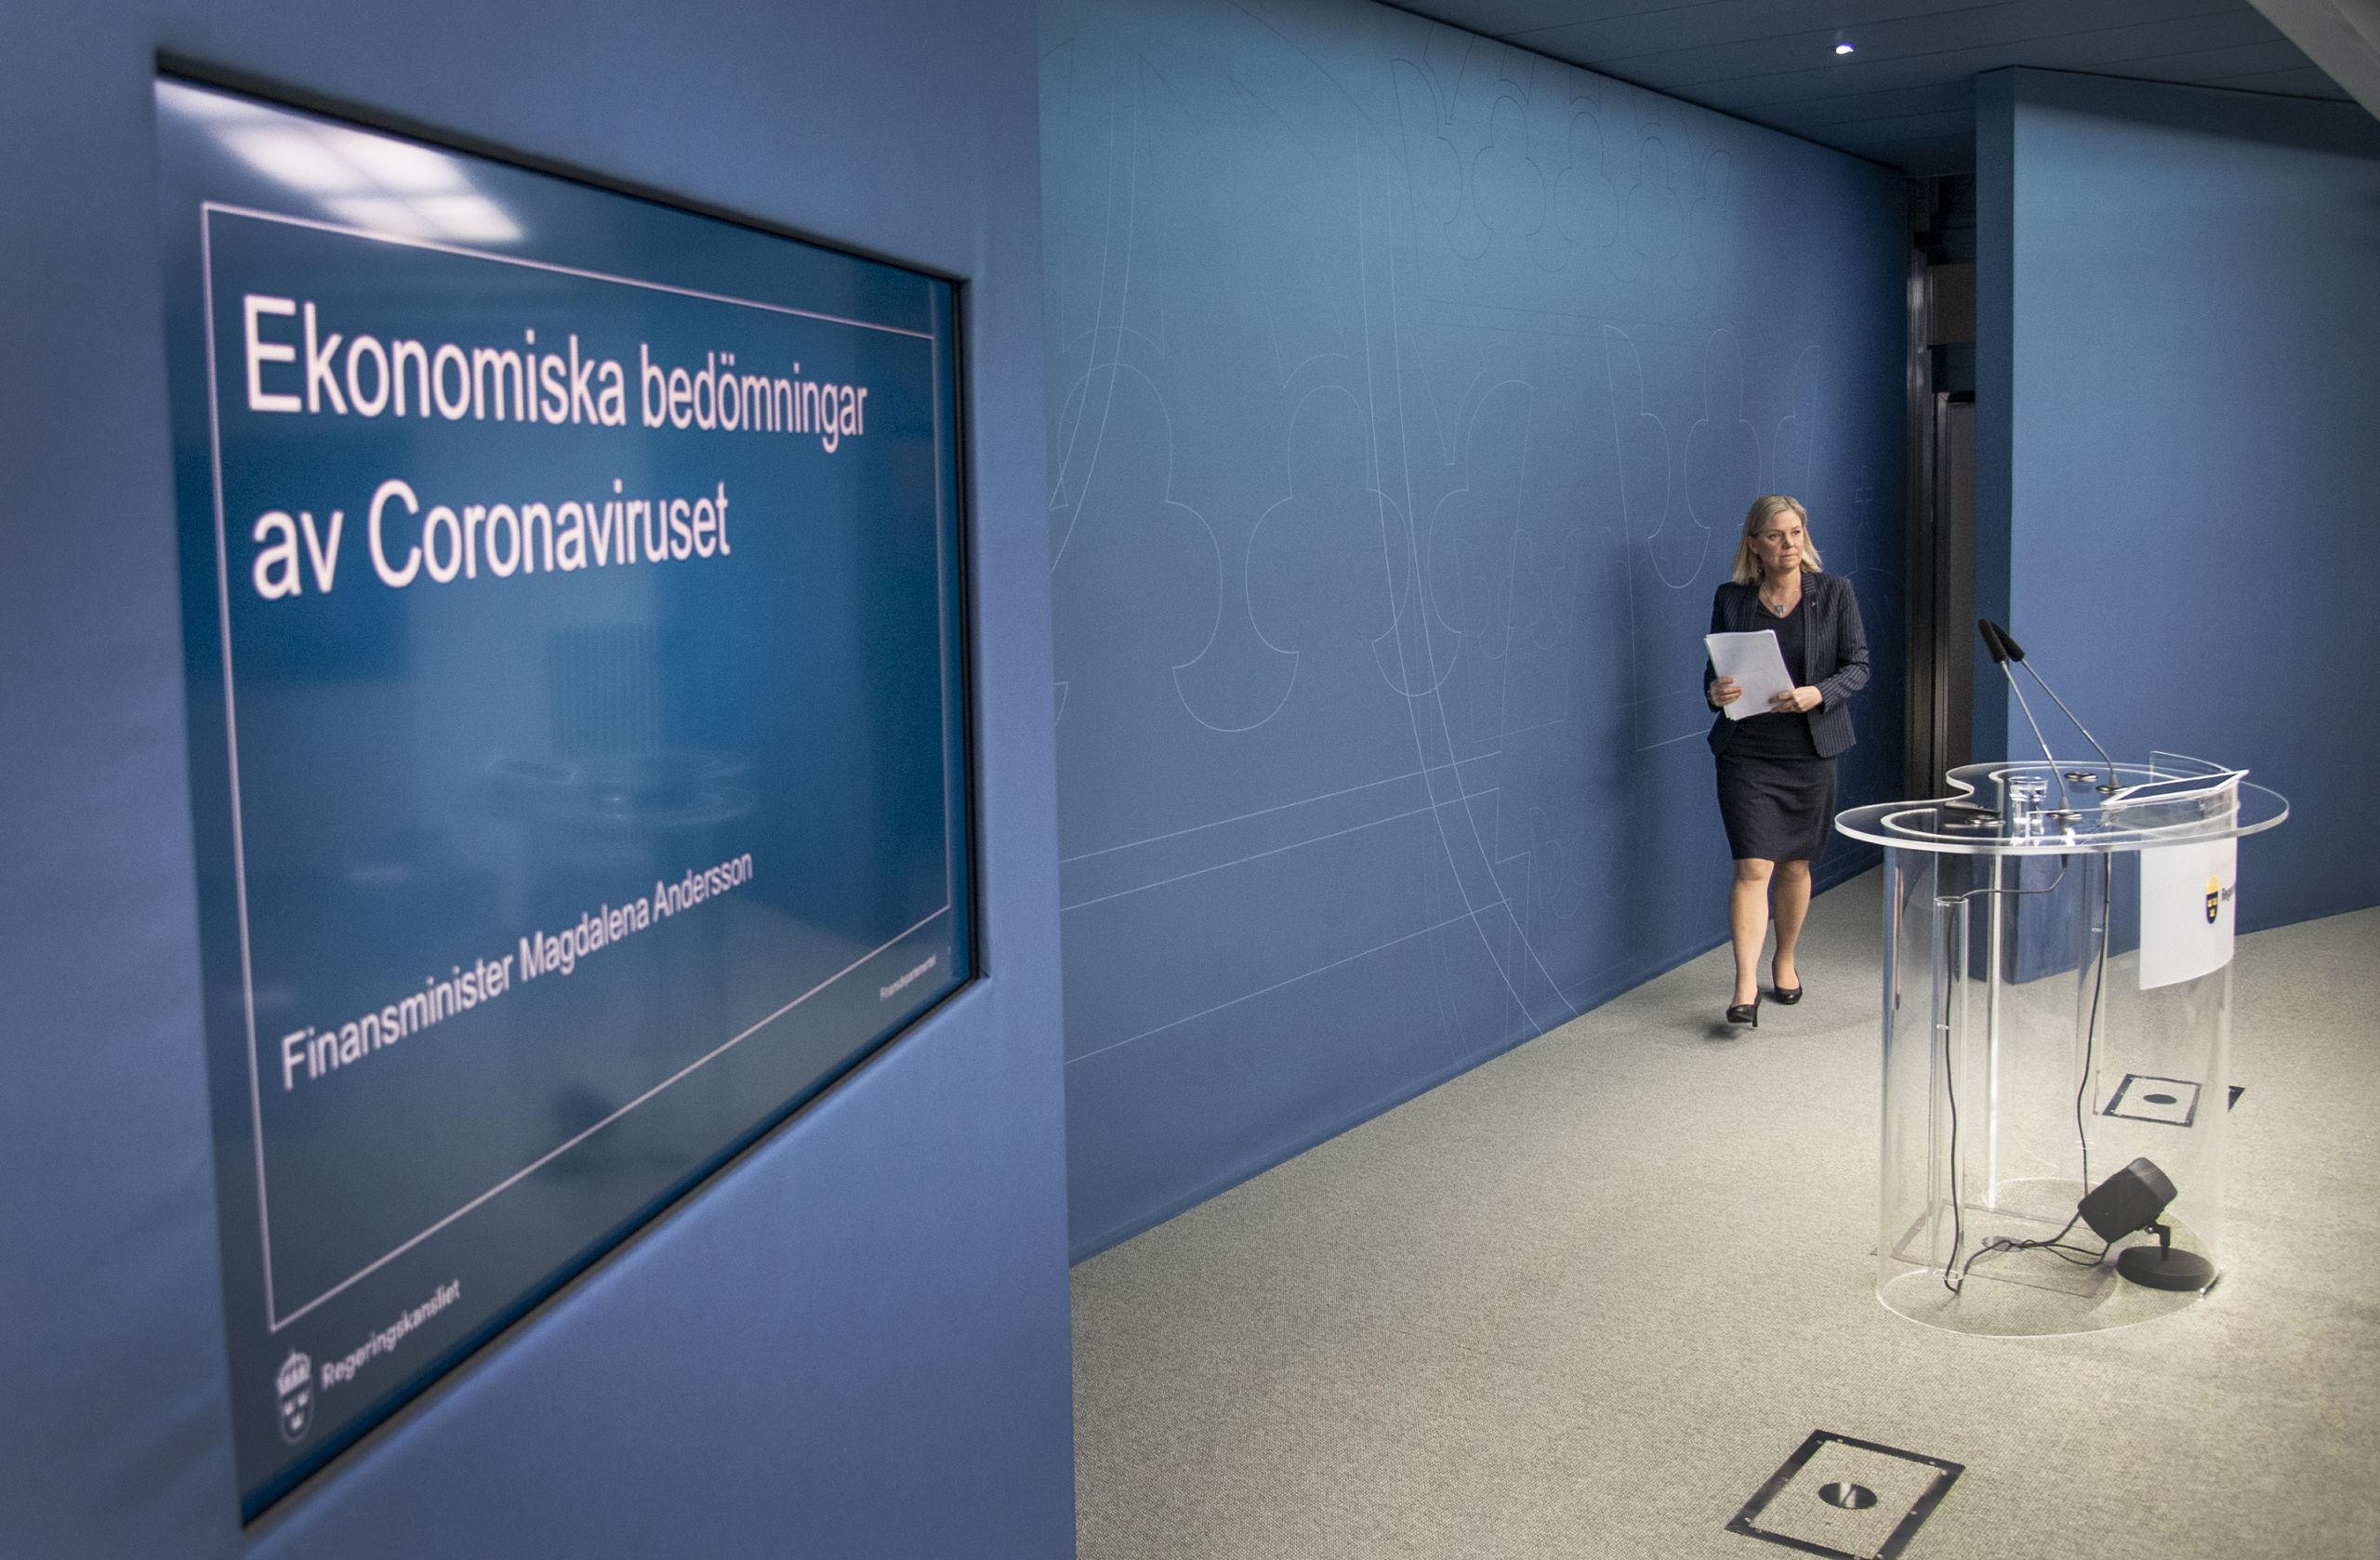 Håkan Boström: Rätt att sätta in ekonomiska krisåtgärder